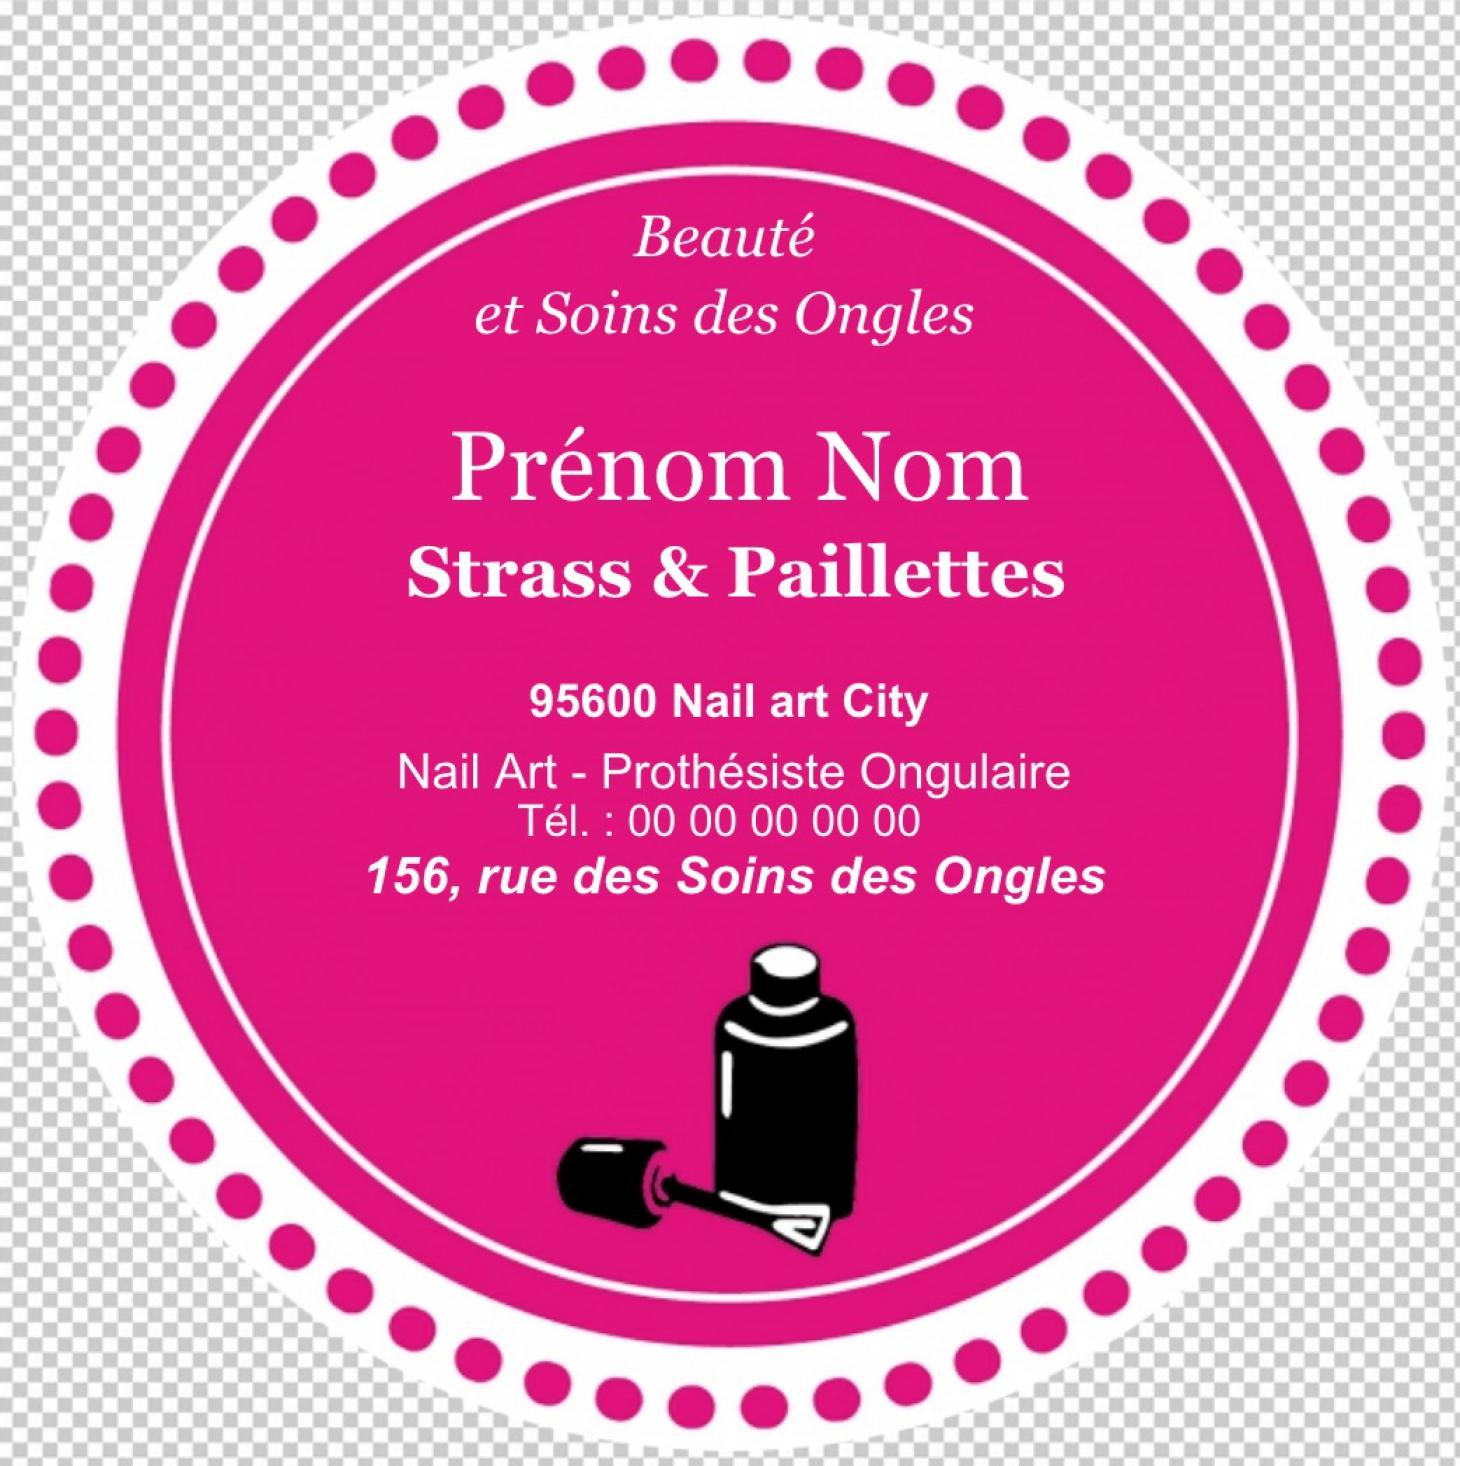 Imprimez Votre Carte De Visite Onglerie Avec Forme Originale Et Decoupe A La Ronde Pour Une Jolie Qui Fera Promotion